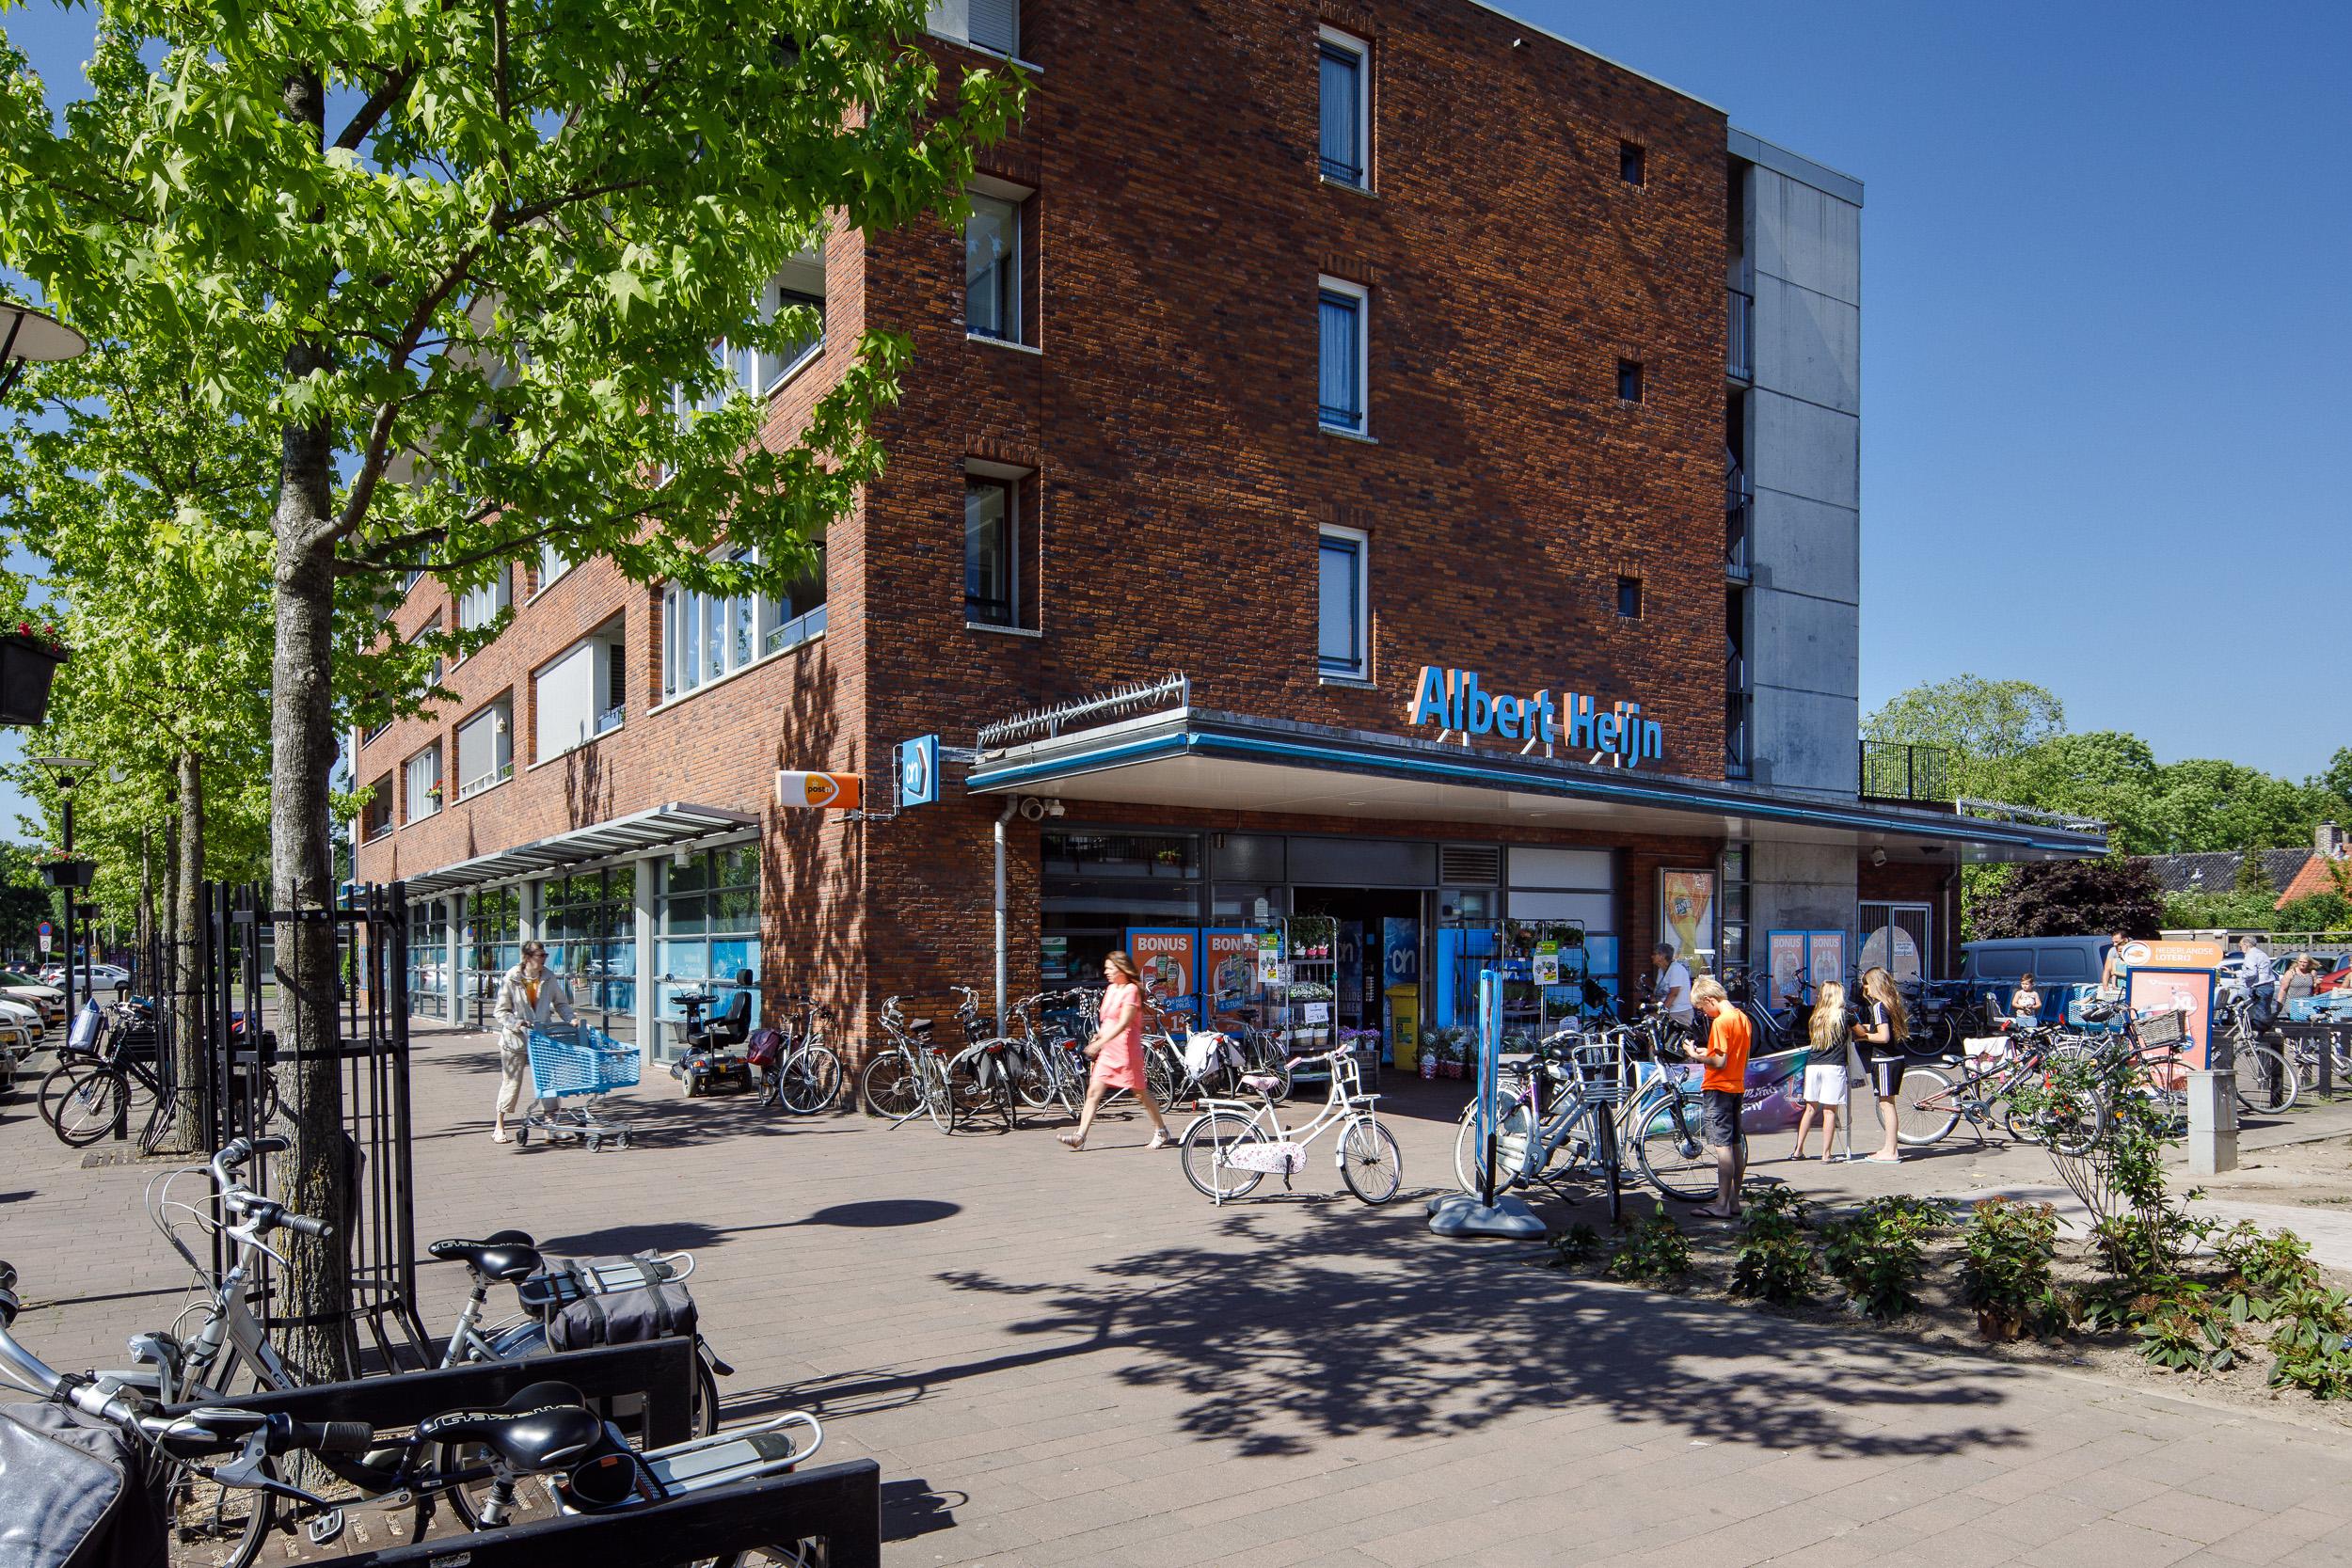 Winkelcentrum Puttershoek